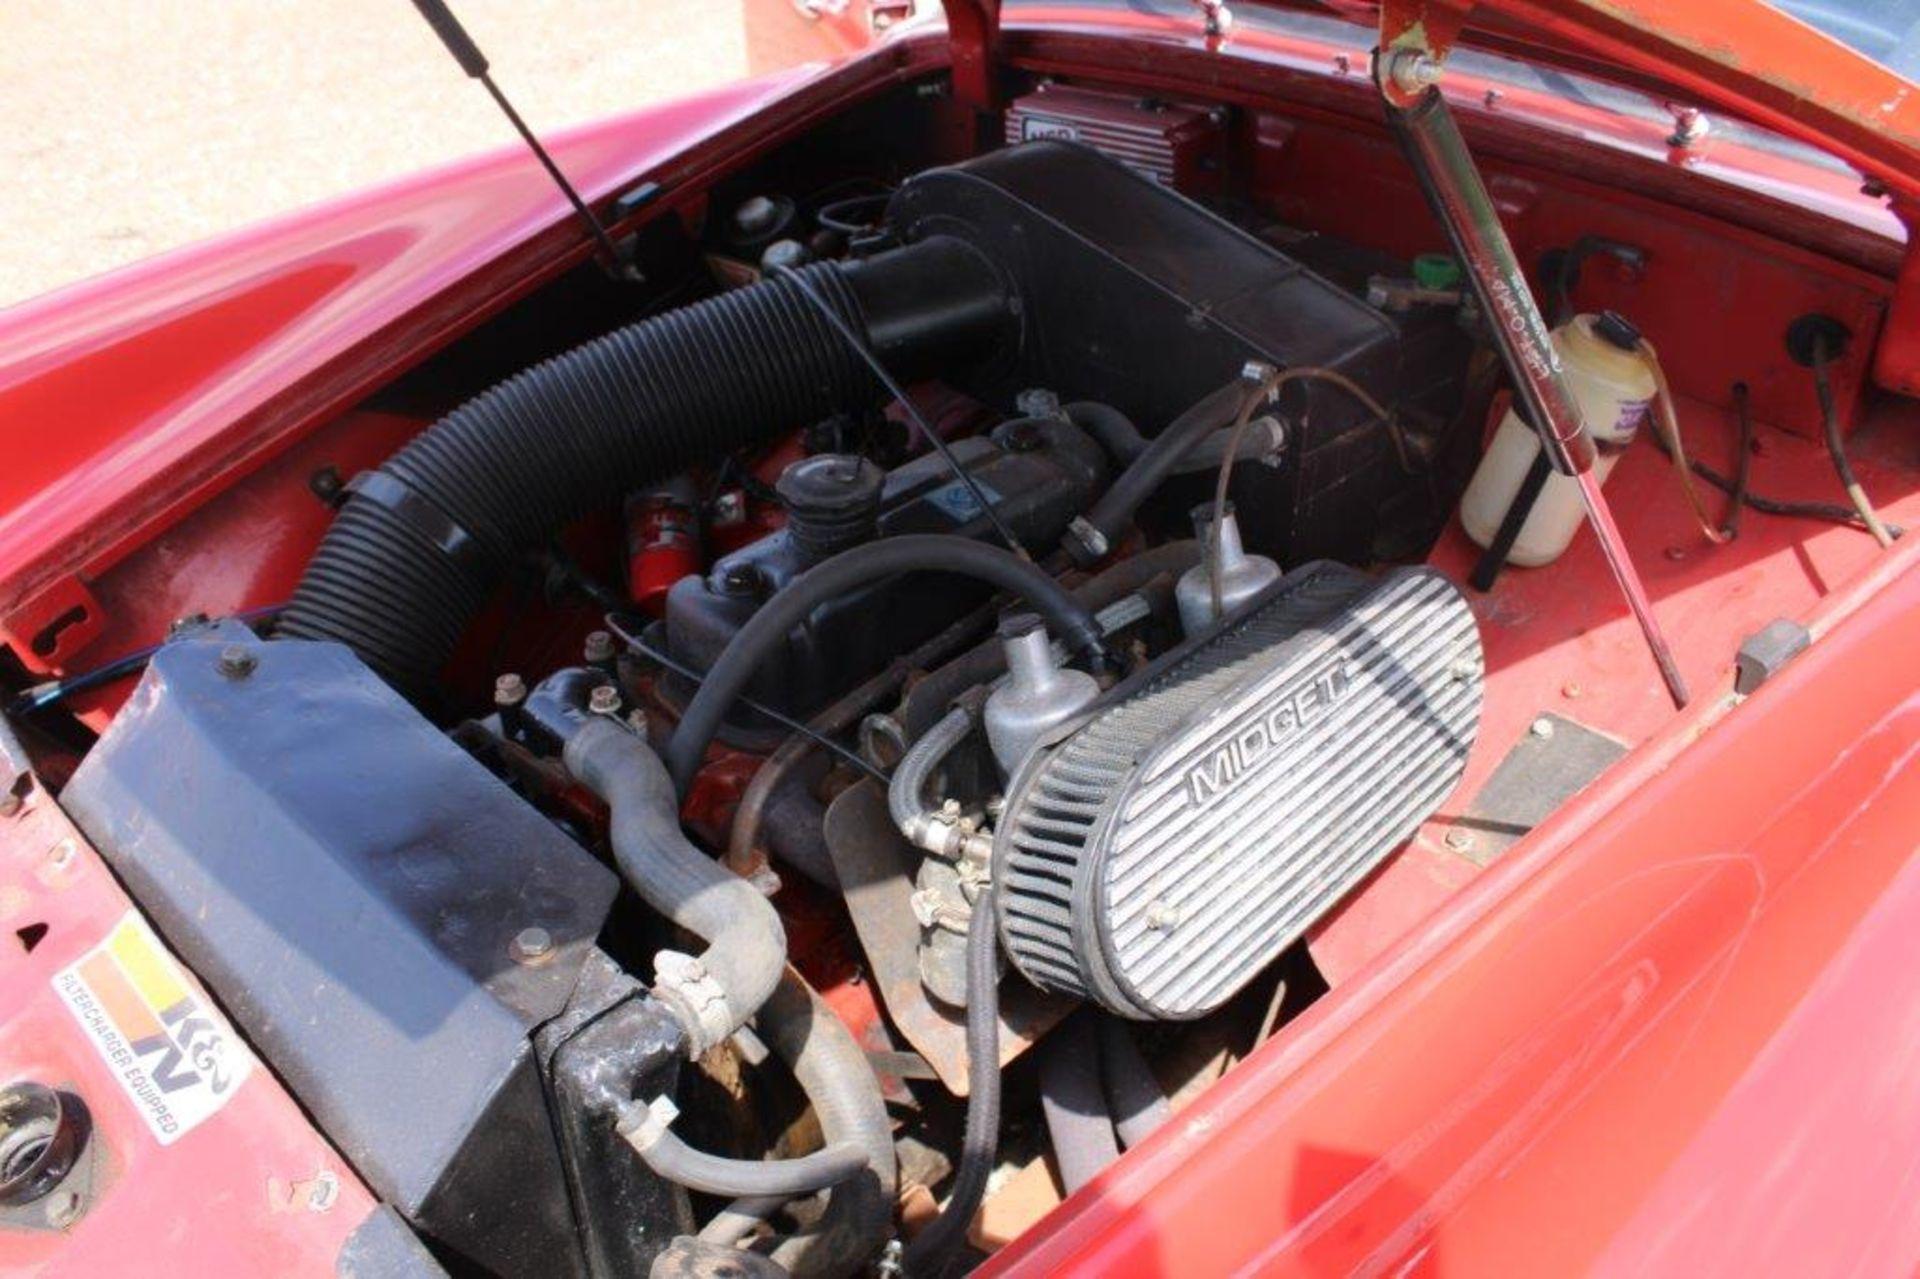 1973 MG Midget MK III - Image 17 of 25